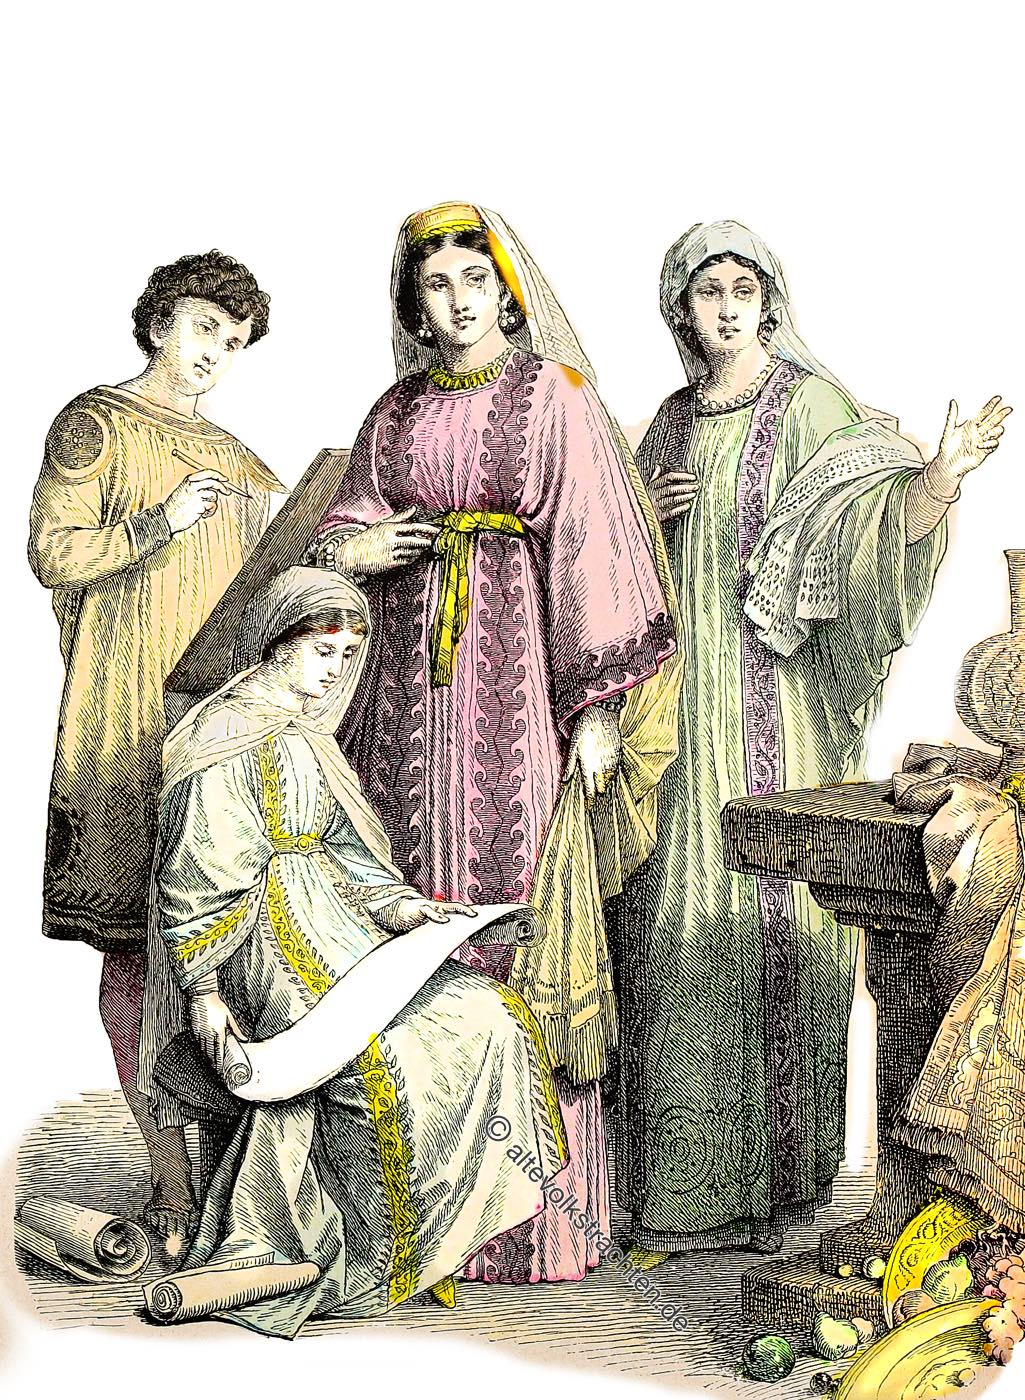 Urchristen, Christen, Kleidung, Mittlerer Osten, Mittelalter, Israel, Arabien, Münchener Bilderbogen,